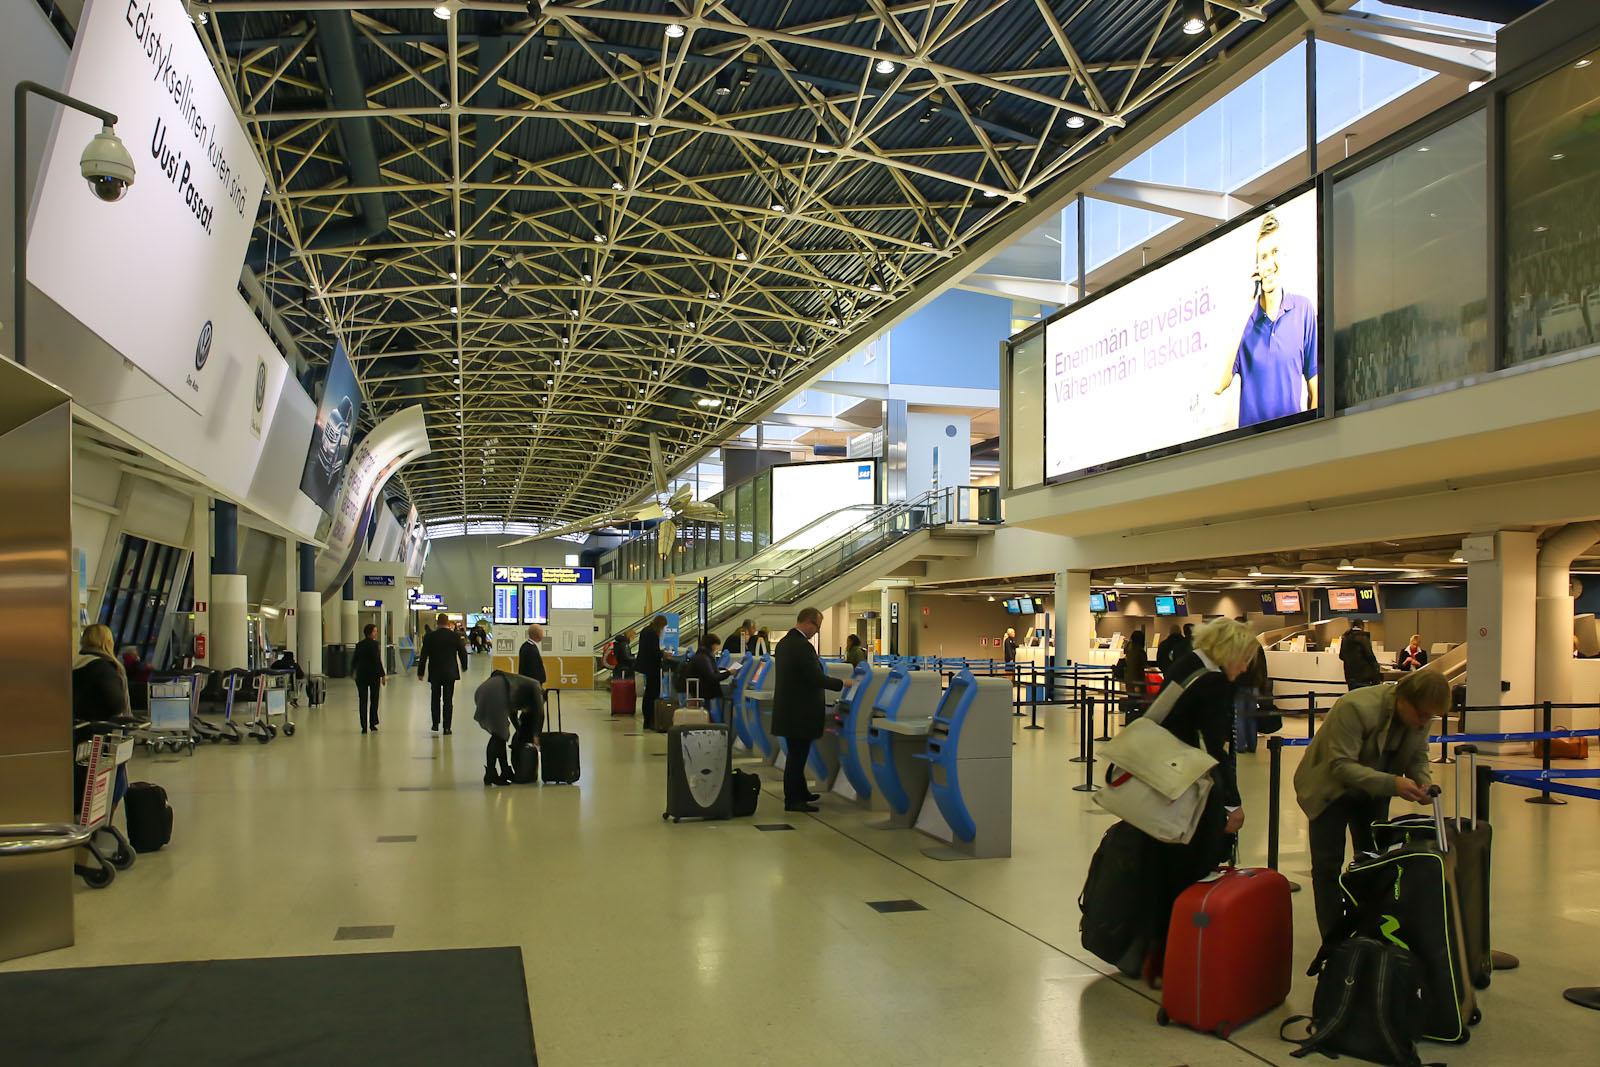 Зона регистрации на рейсы в Терминале 1 аэропорта Хельсинки Вантаа